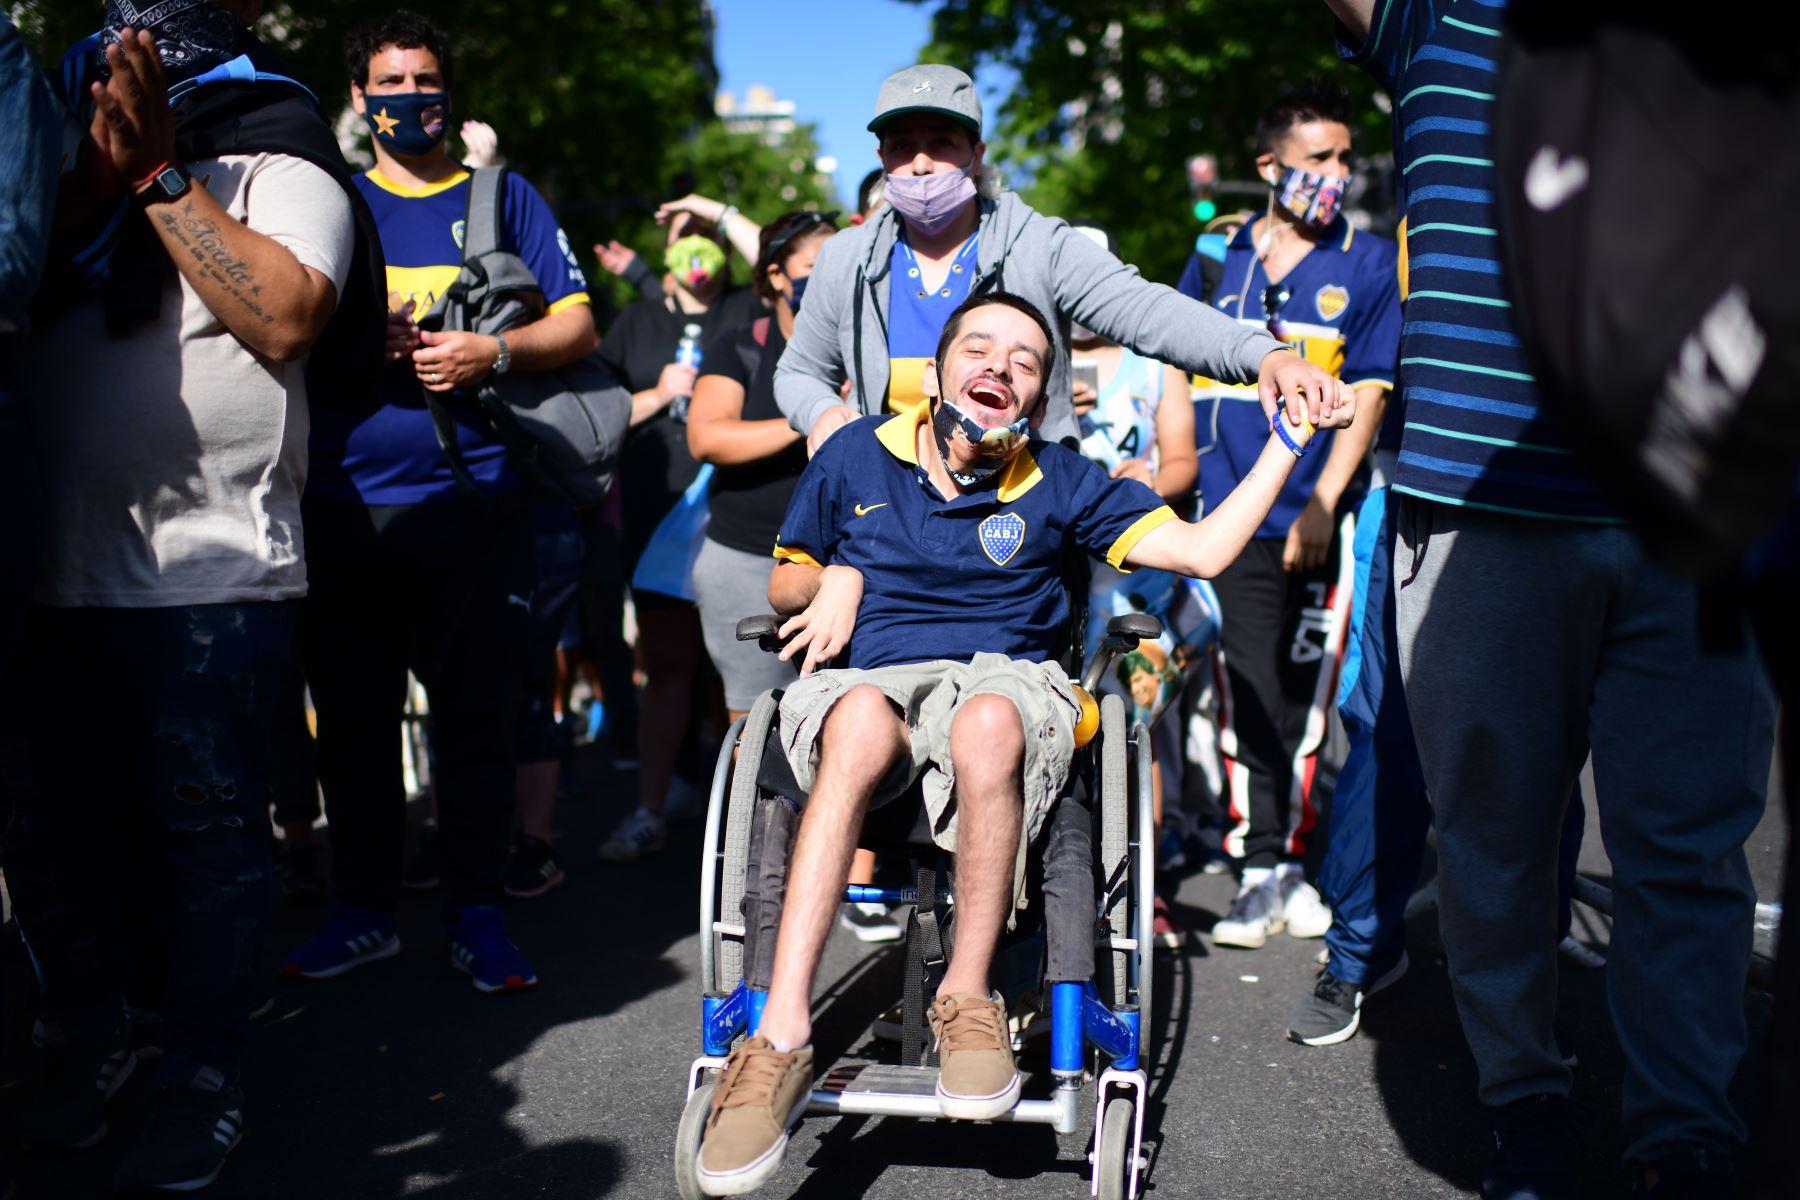 Los hinchas, la mayoría con camisetas de la selección argentina de fútbol Boca Juniors, se ven afuera de la casa de gobierno de la Casa Rosada mientras esperan para rendir homenaje a la leyenda del fútbol argentino Diego Armando Maradona en Buenos Aires. Foto: AFP